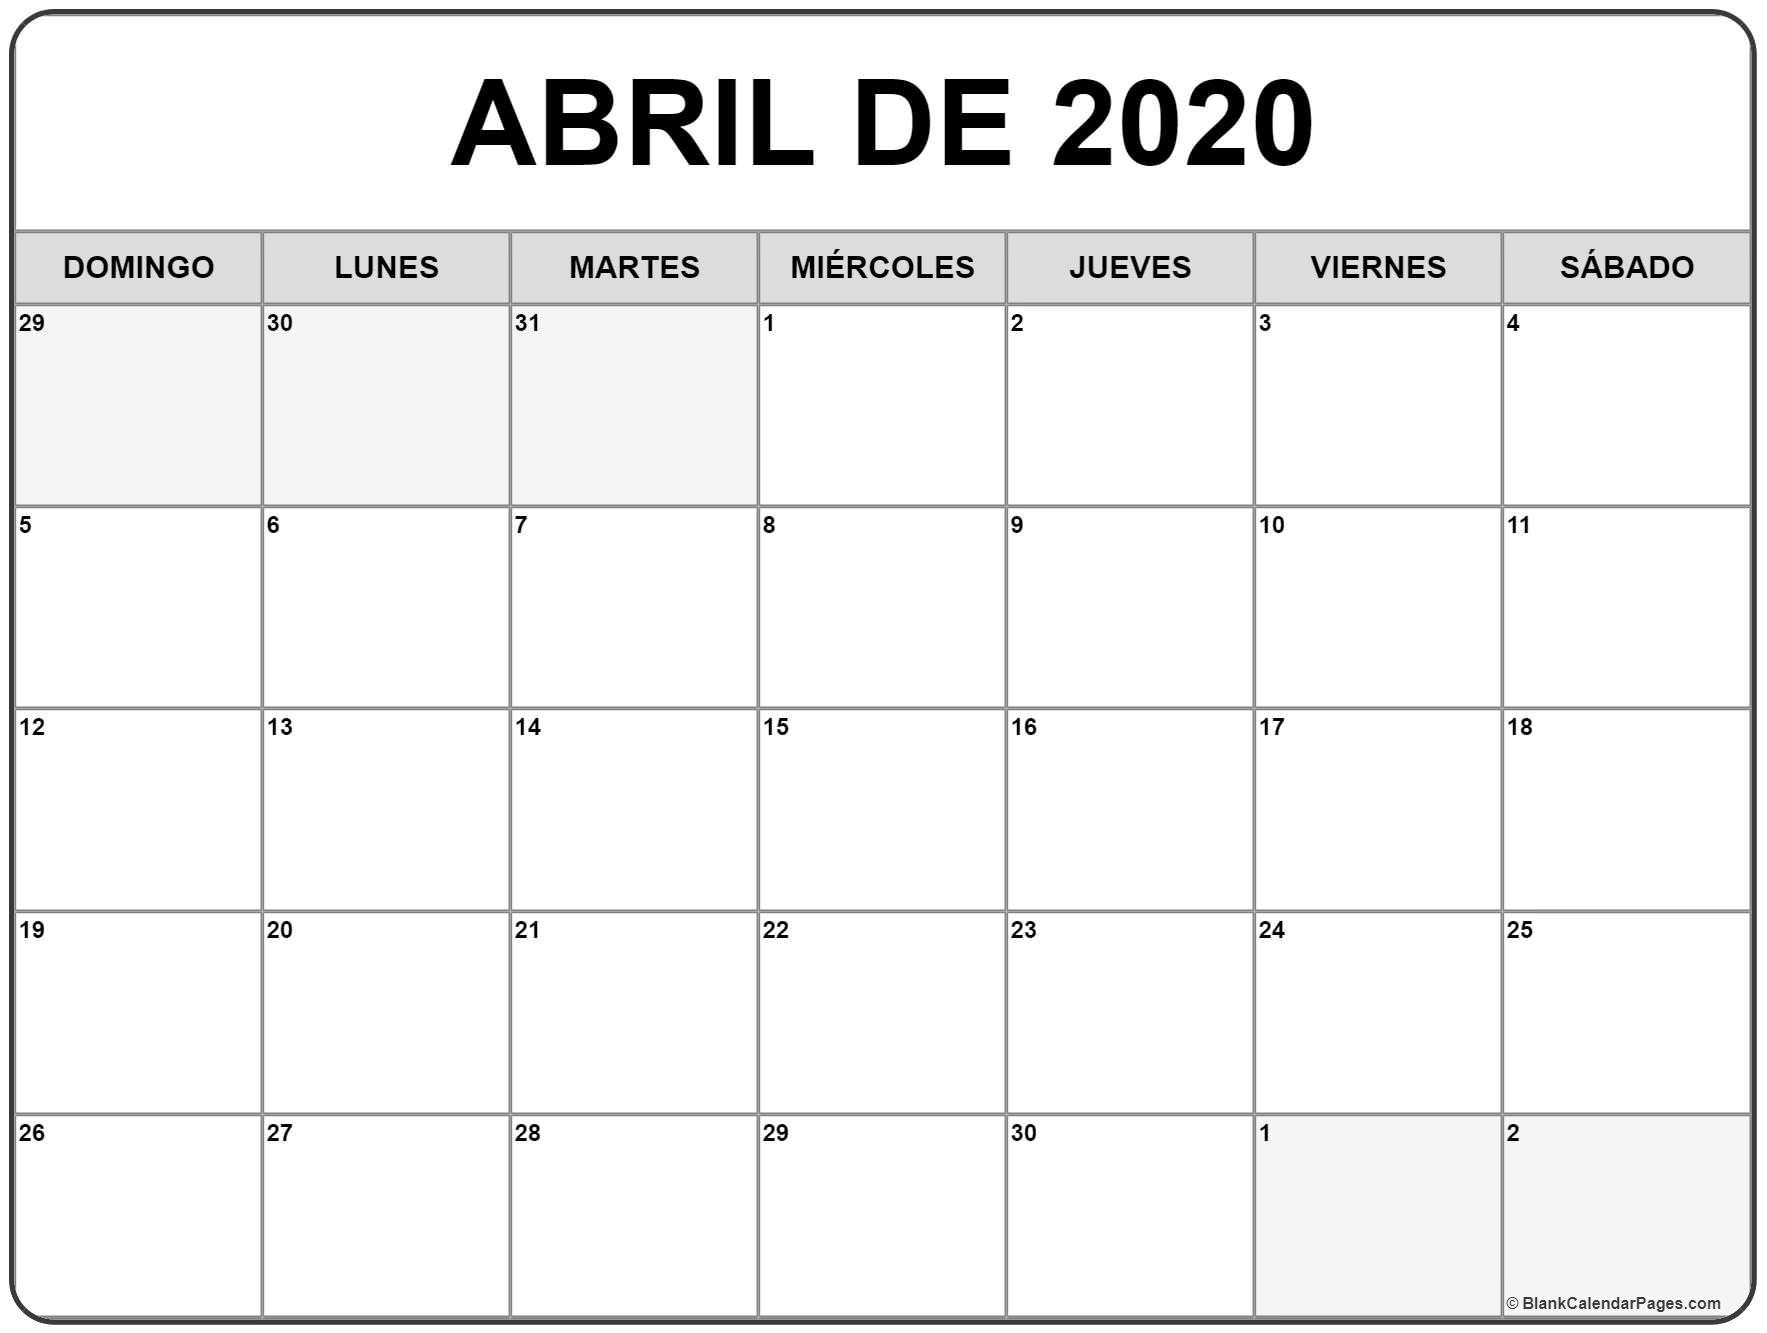 Calendario Laboral 2019 Almeria Recientes Calendario Imprimible 2020 Of Calendario Laboral 2019 Almeria Más Populares Tiempo En Rossell Castellon with Tiempo En Rossell